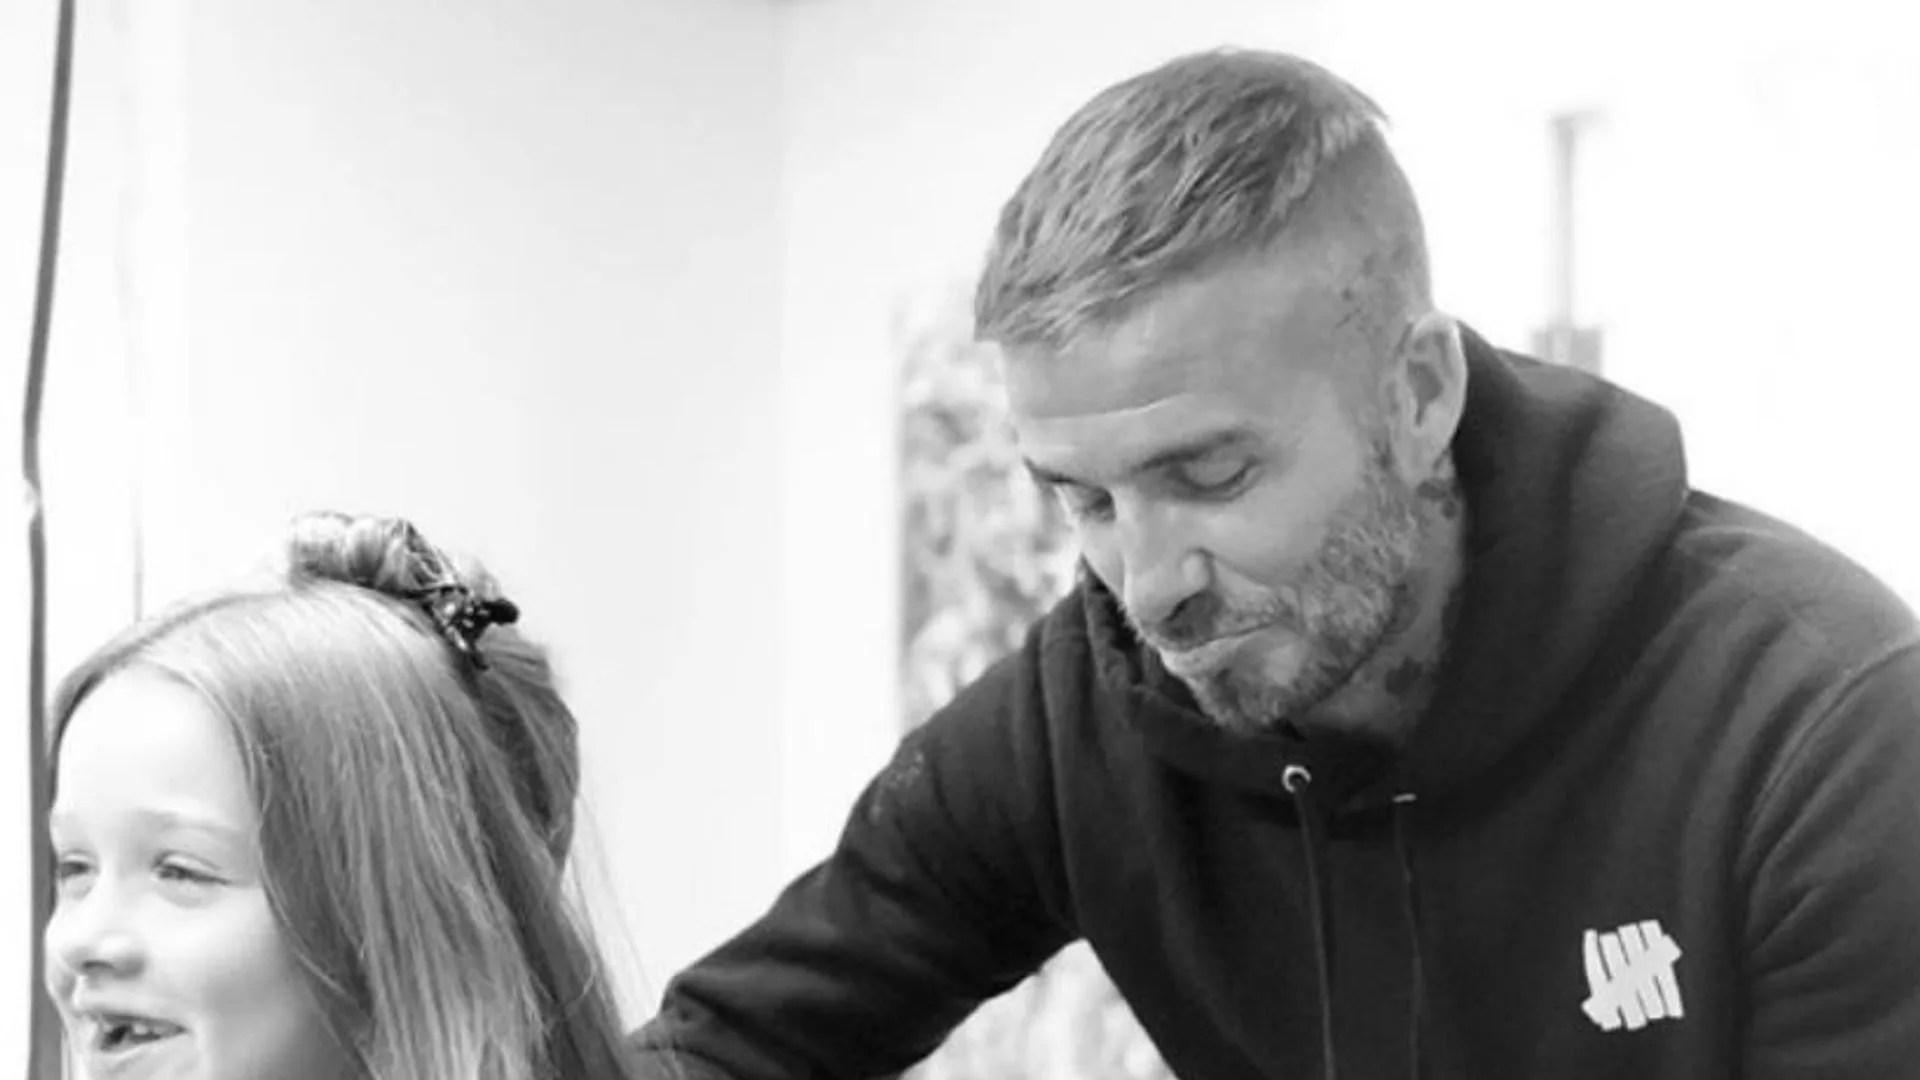 David Beckham Reveals He Cut Harpers Hair Short But He